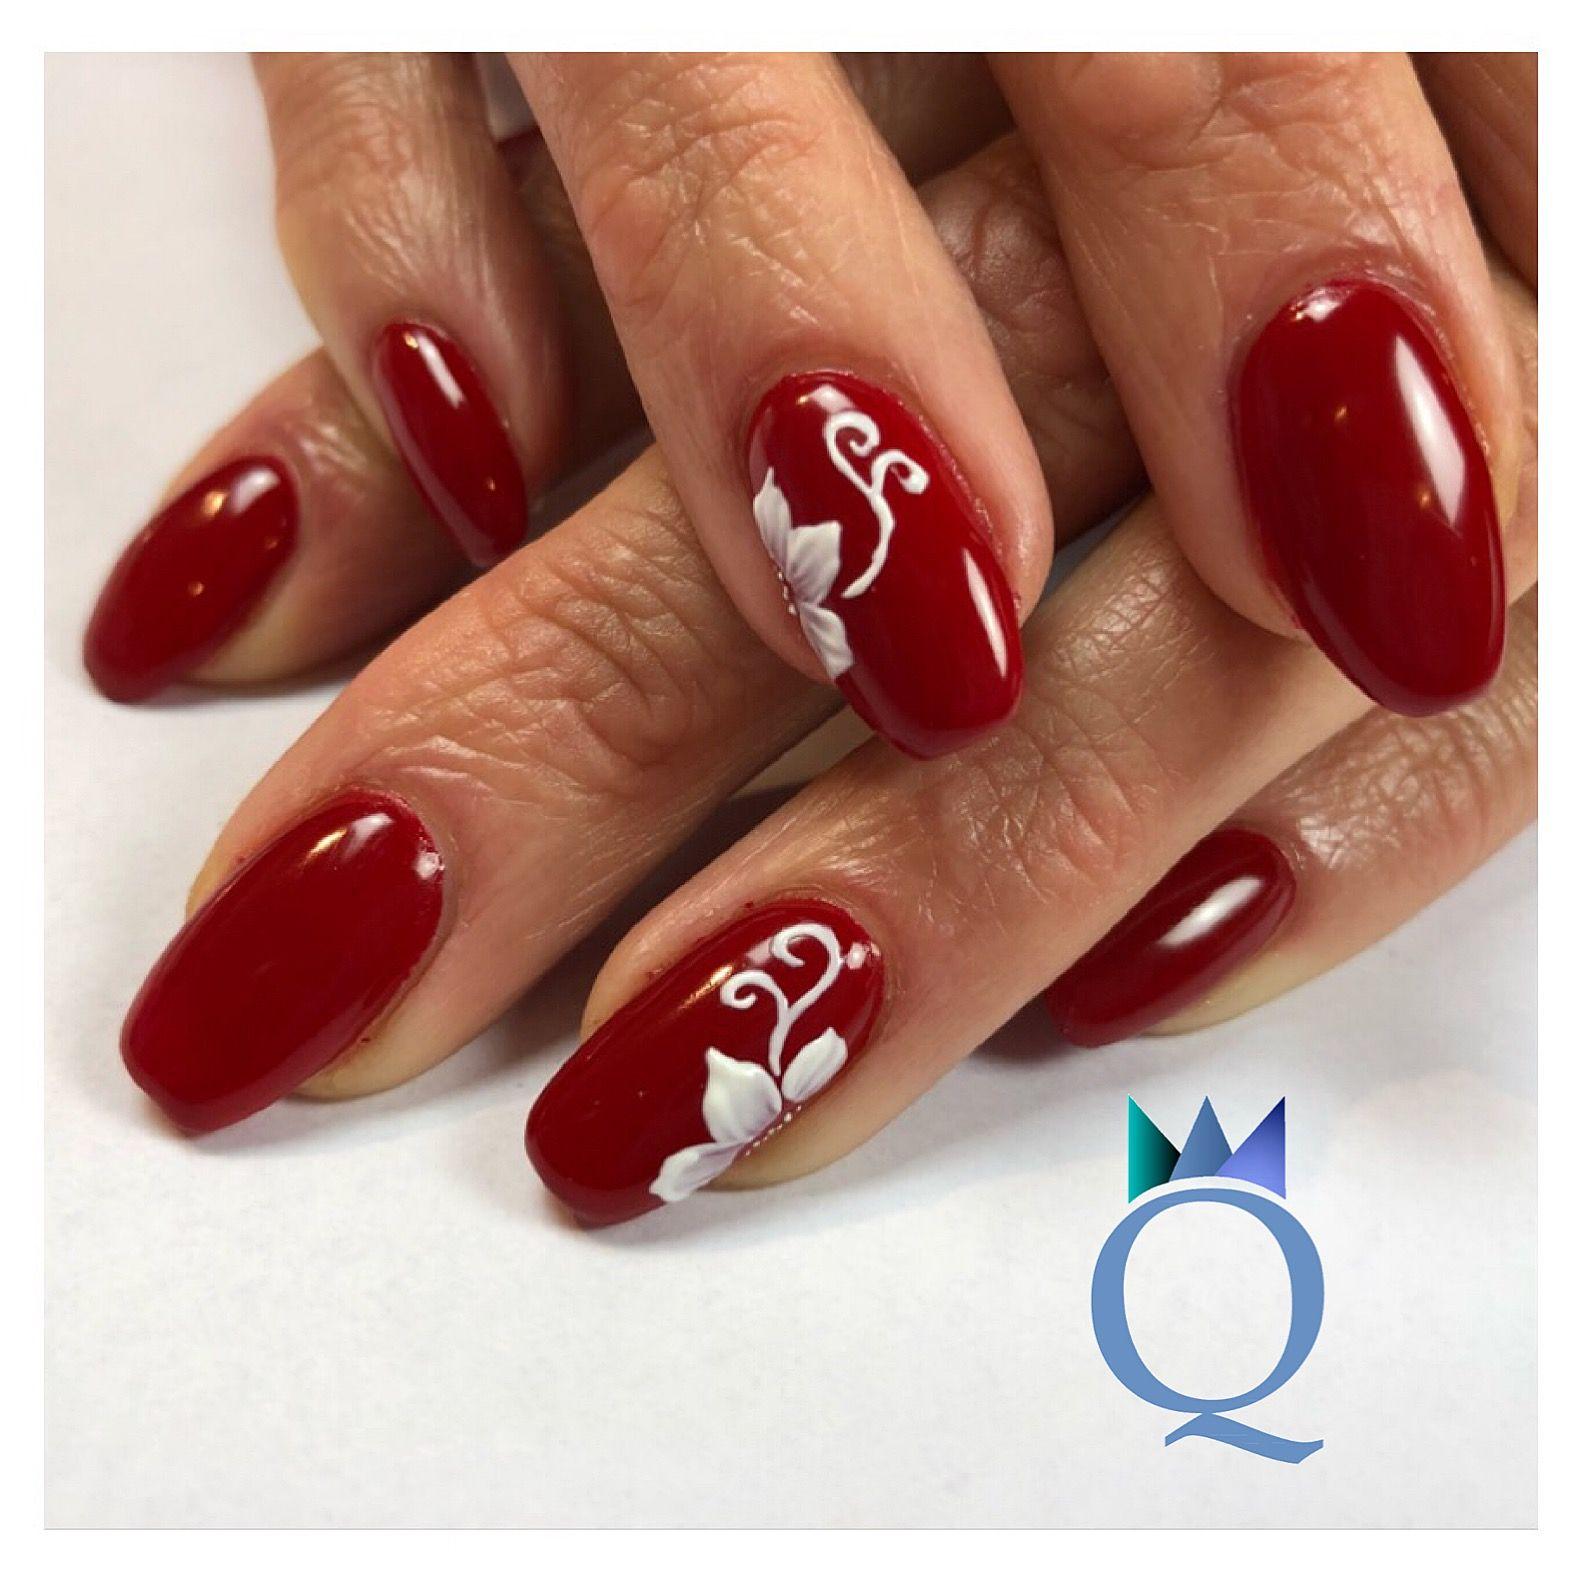 rednails #gelnails #nails #red #rotenägel #gelnägel #nägel #rot ...